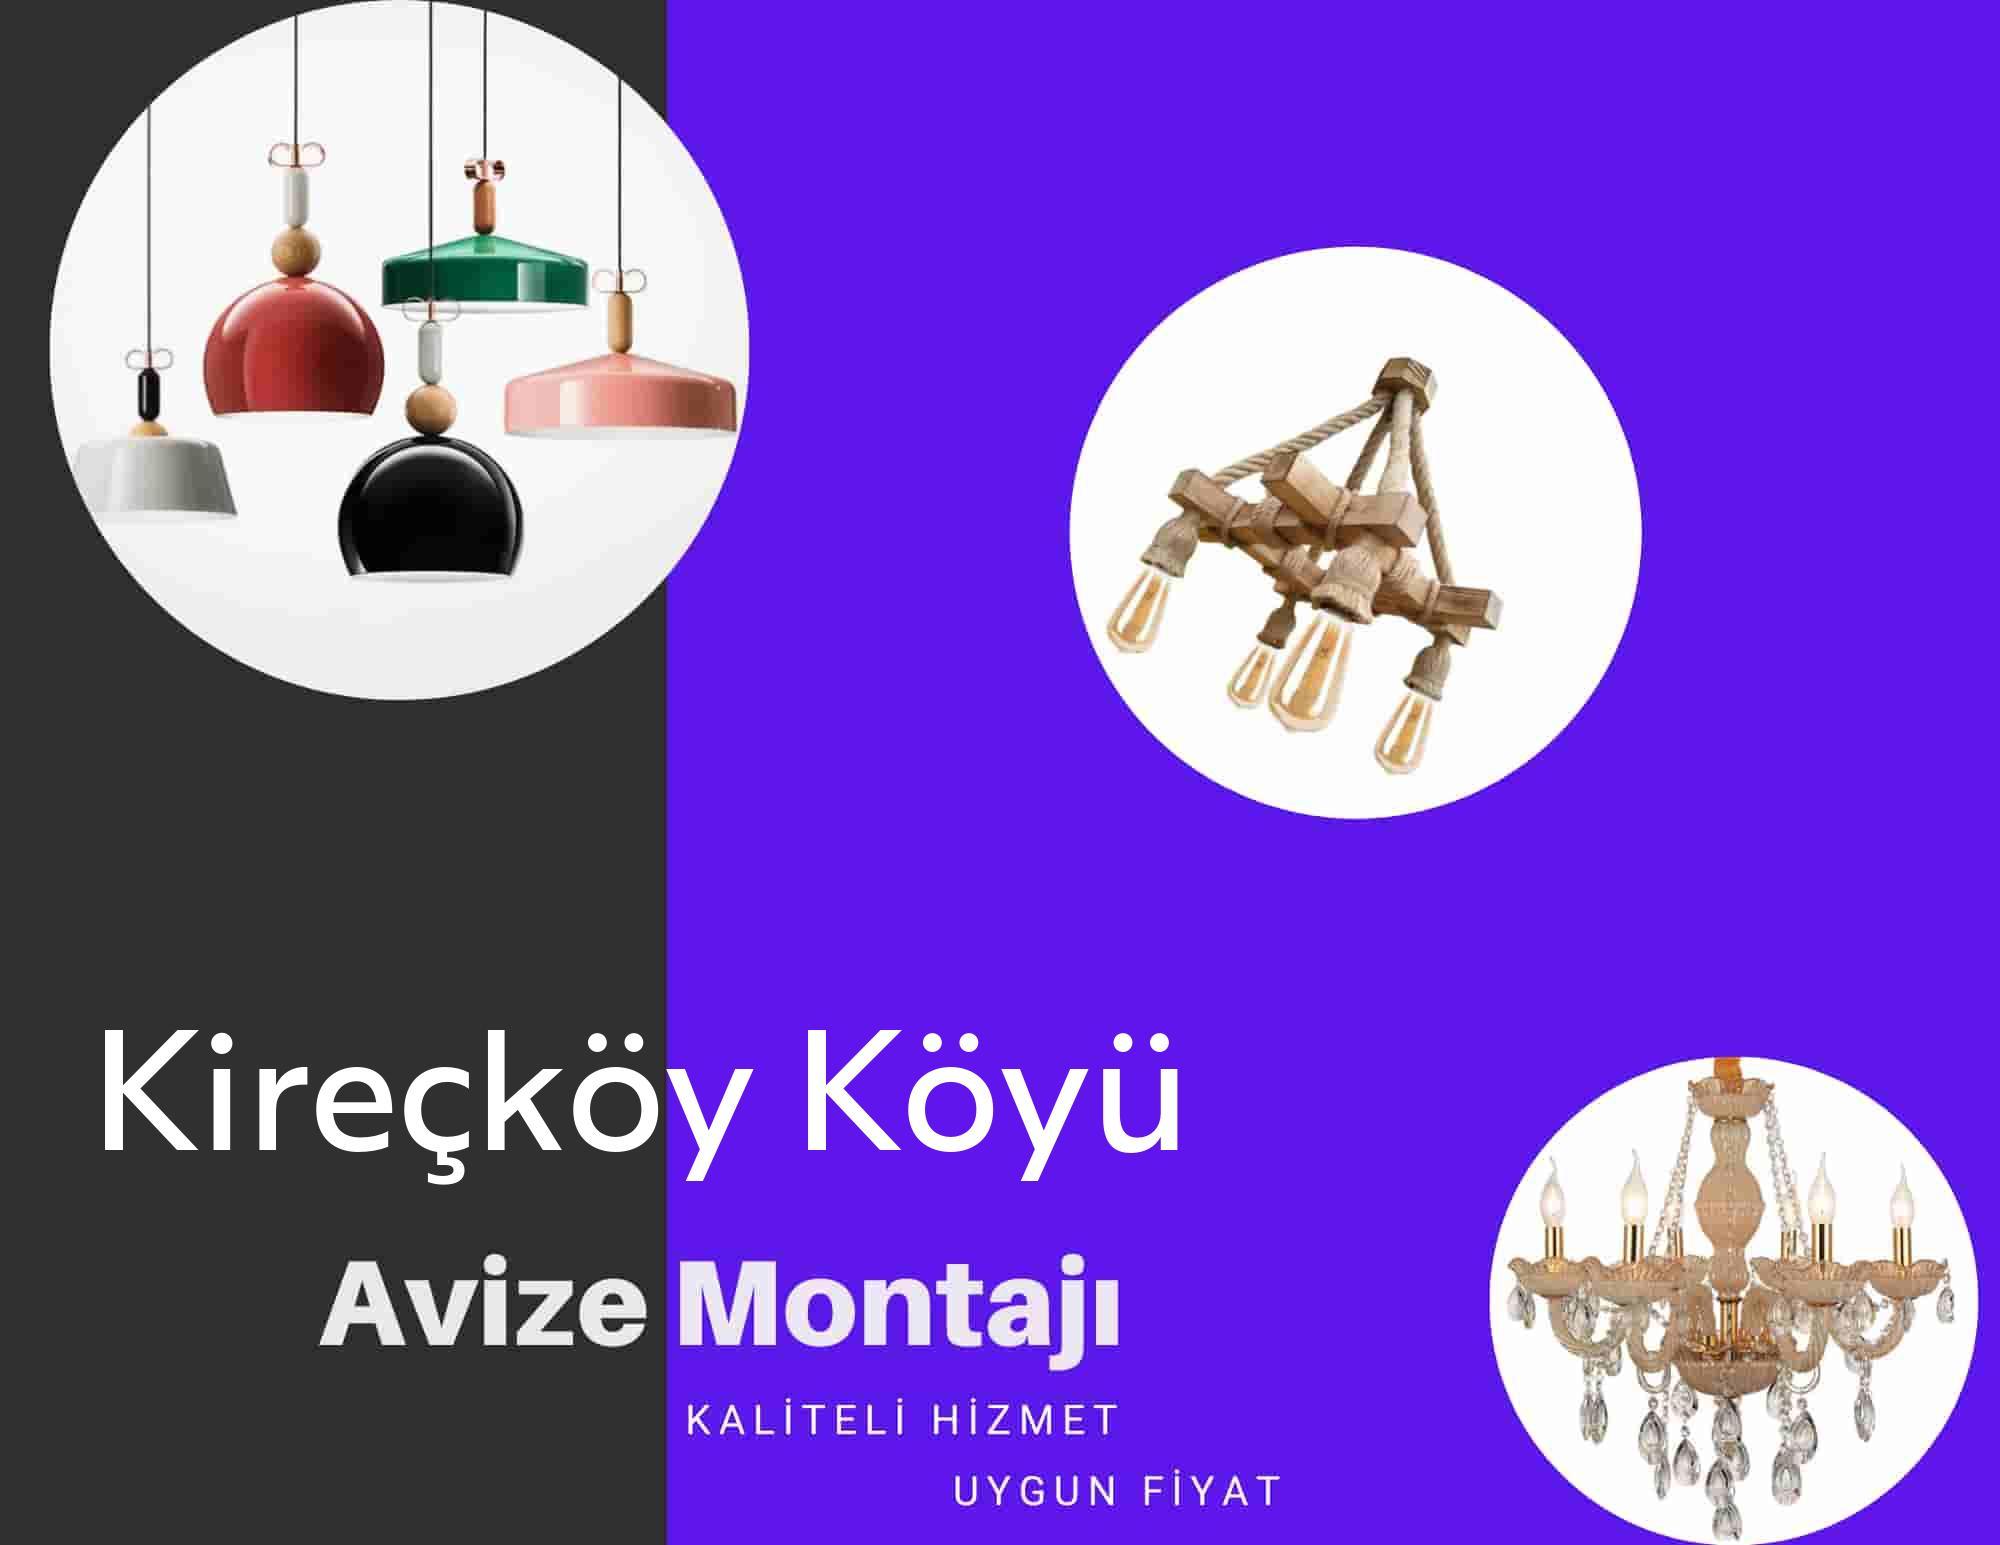 Kireçköy Köyüde avize montajı yapan yerler arıyorsanız elektrikcicagir anında size profesyonel avize montajı ustasını yönlendirir.